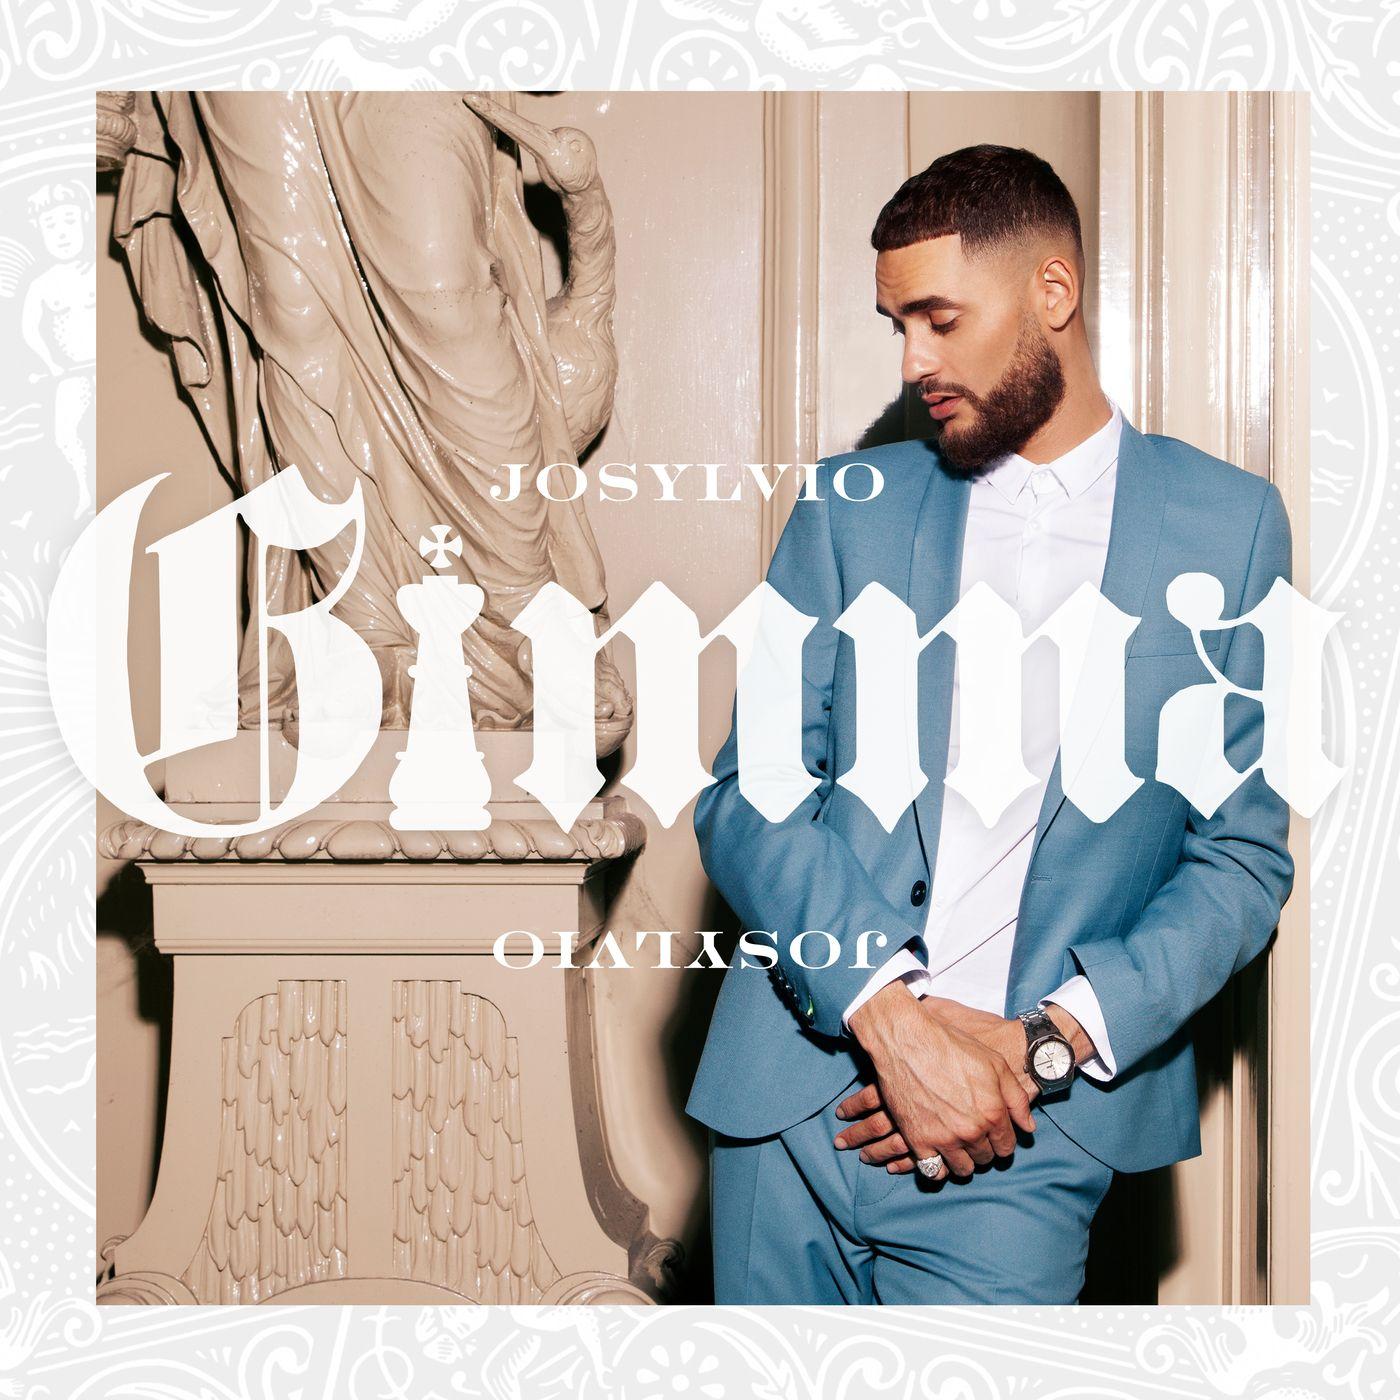 Josylvio - Gimma album cover